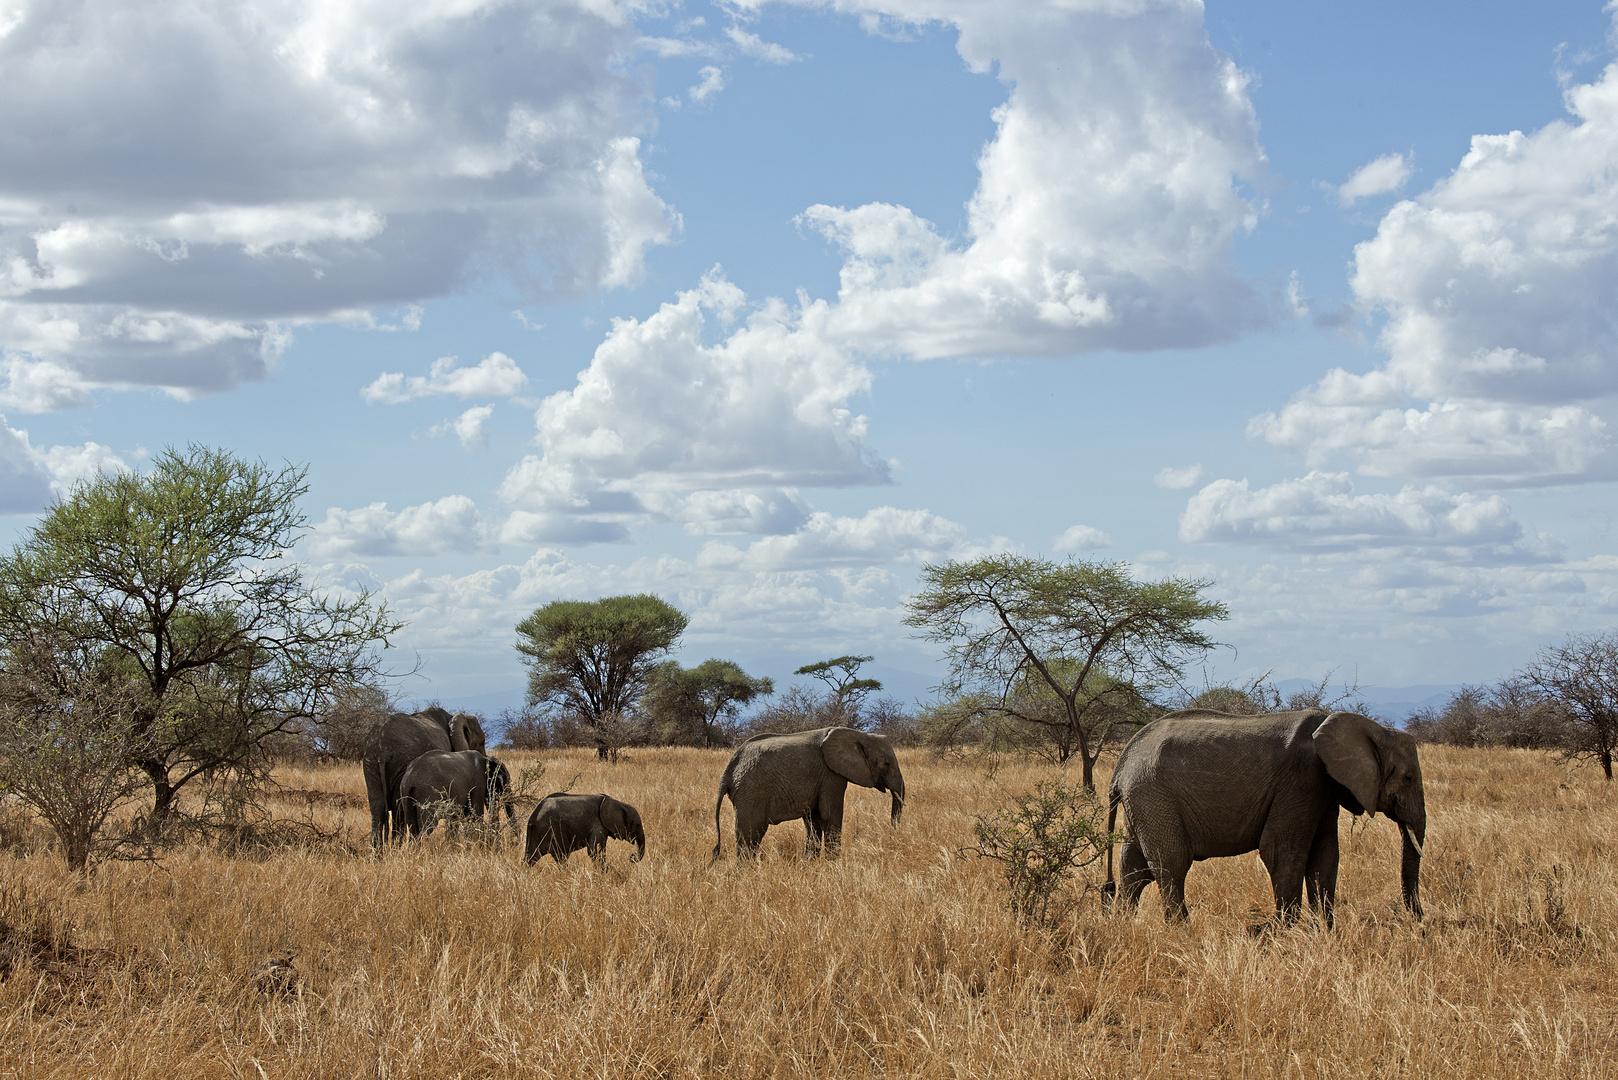 elefanten in der savanne foto bild tiere wildlife s ugetiere bilder auf fotocommunity. Black Bedroom Furniture Sets. Home Design Ideas